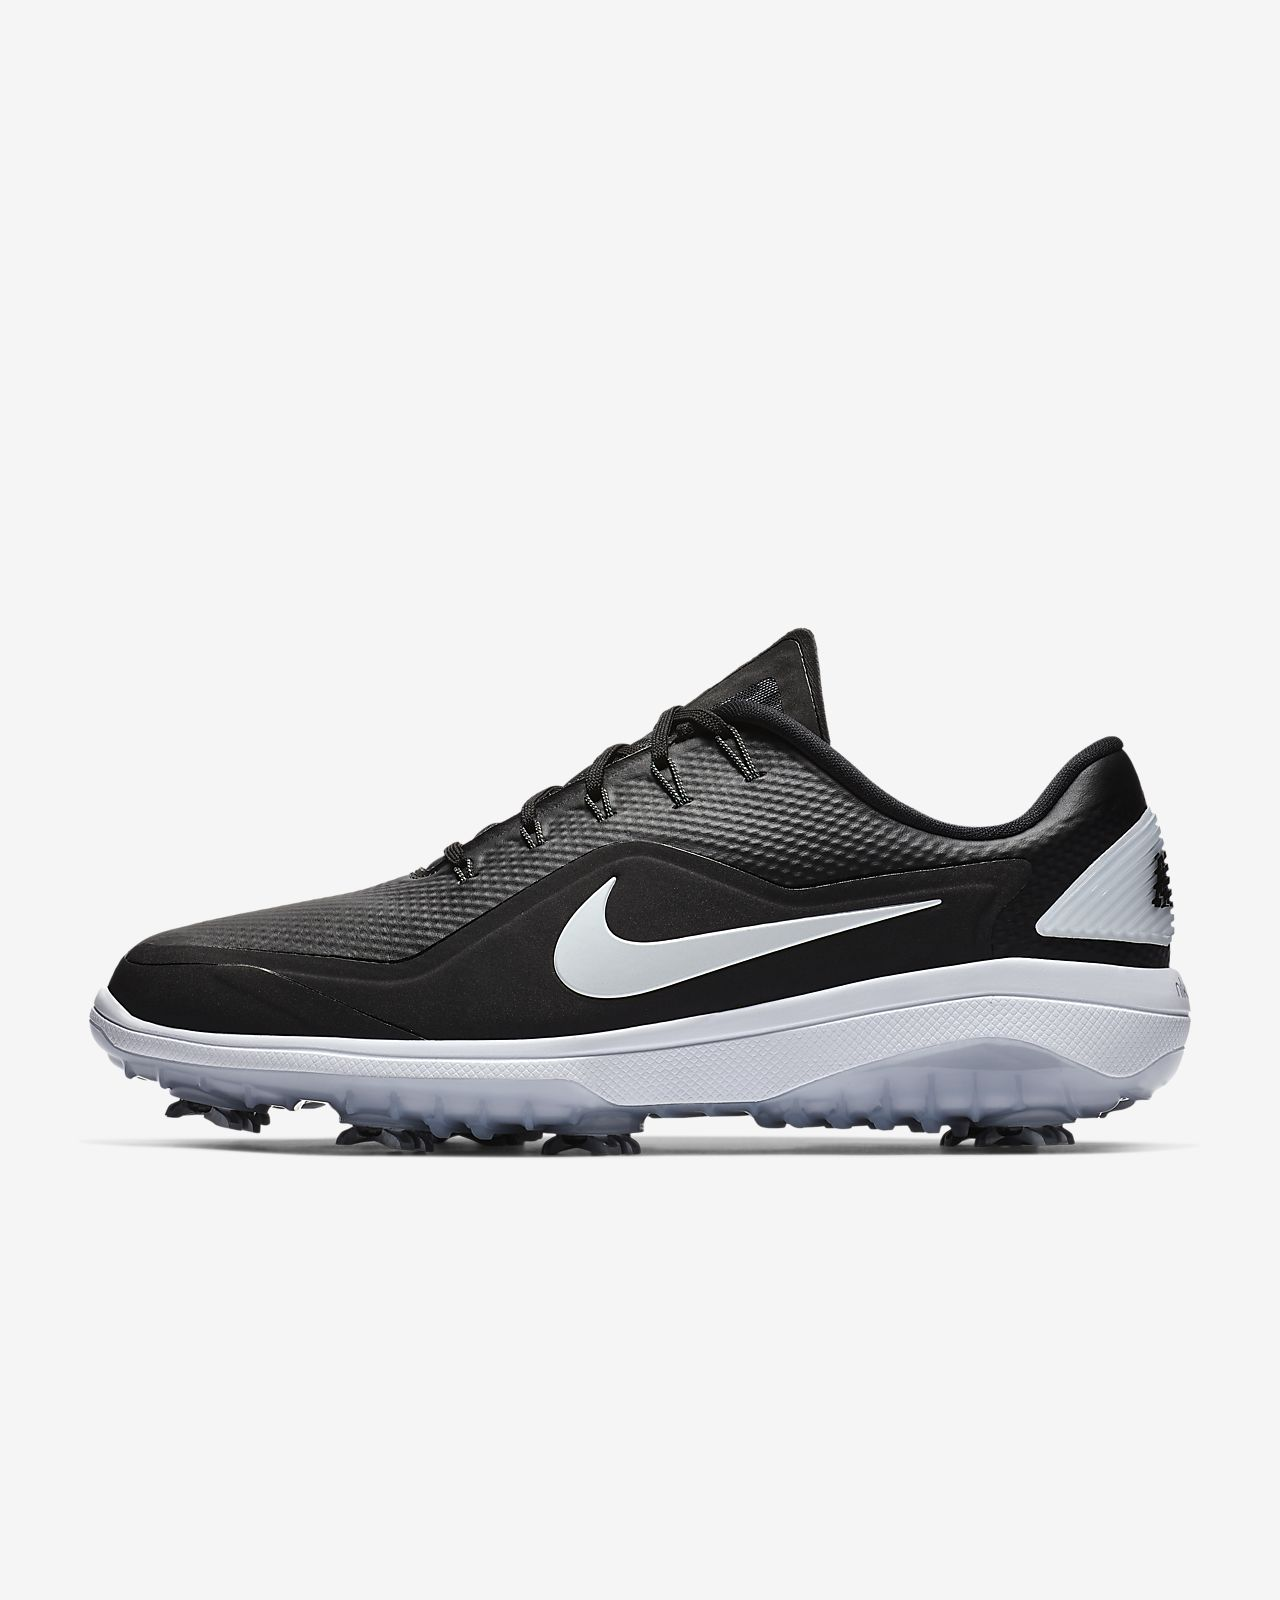 55459202 Мужские кроссовки для гольфа Nike React Vapor 2. Nike.com RU